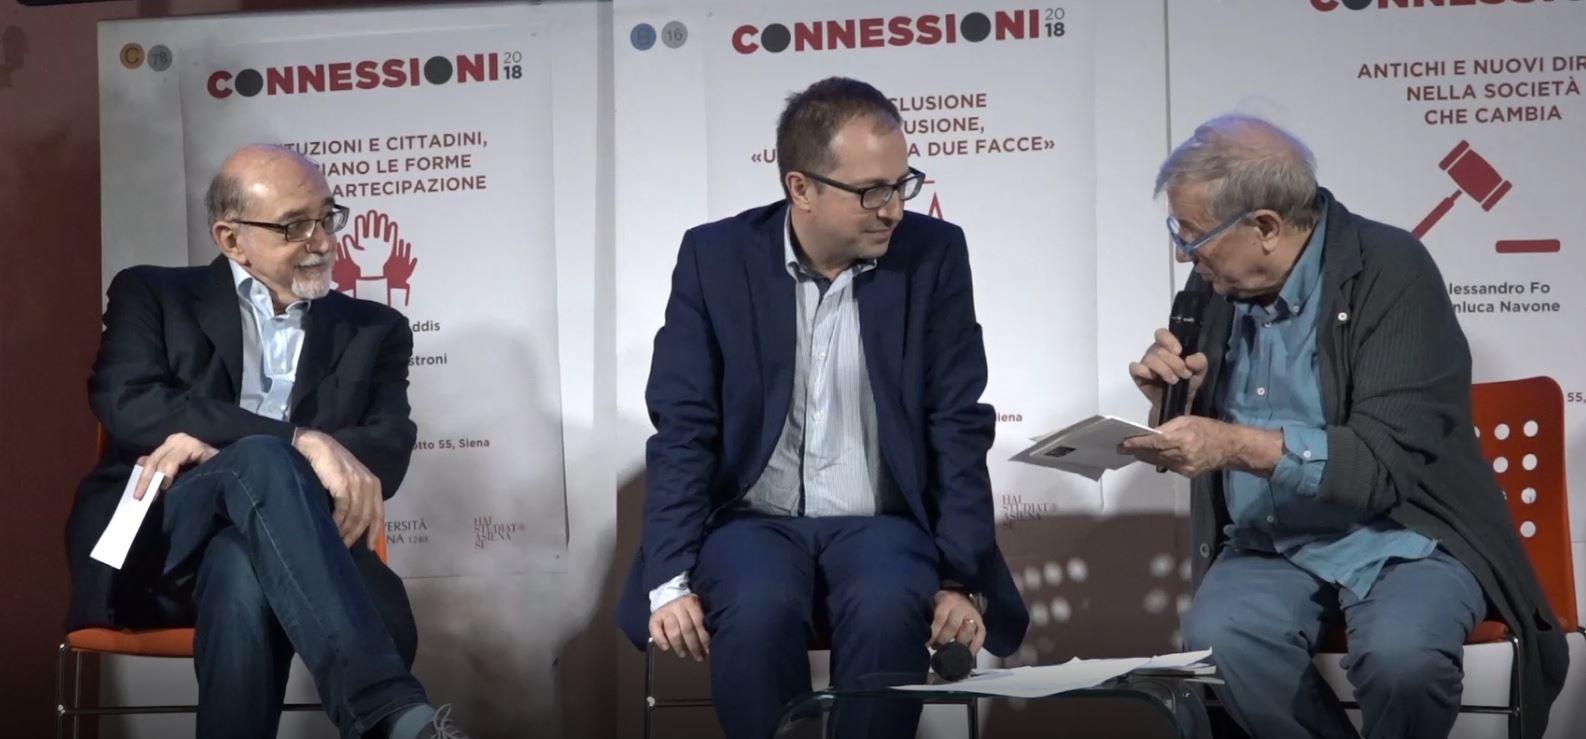 """Connessioni 2018: alle 21 su Siena Tv il primo dialogo """"Antichi e nuovi diritti nella società che cambia"""""""